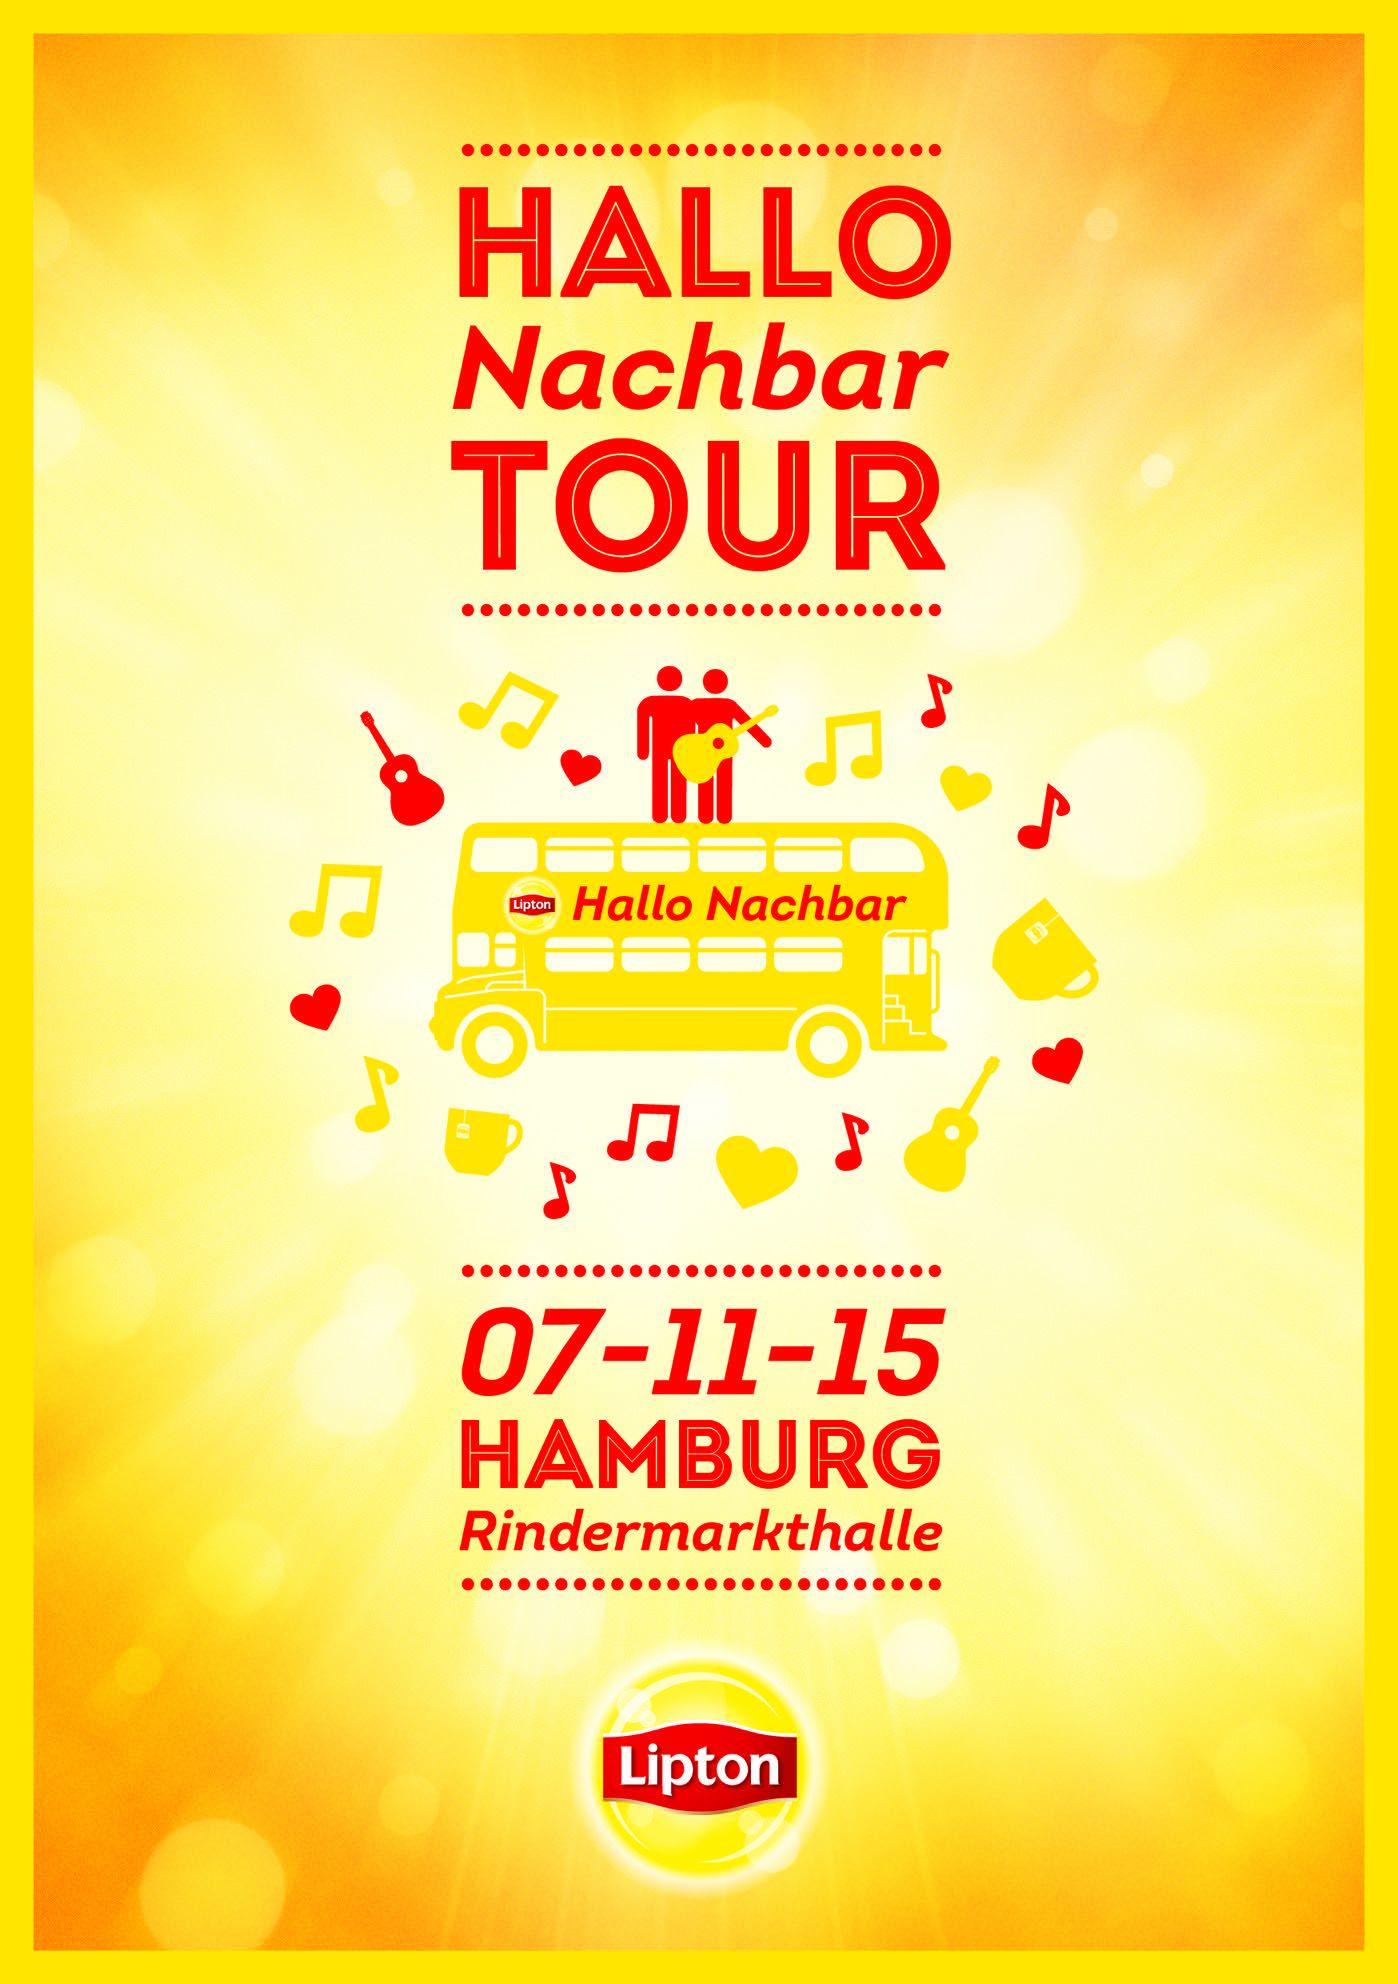 """Die Lipton """"HalloNachbar""""-Tour startet in Kürze"""